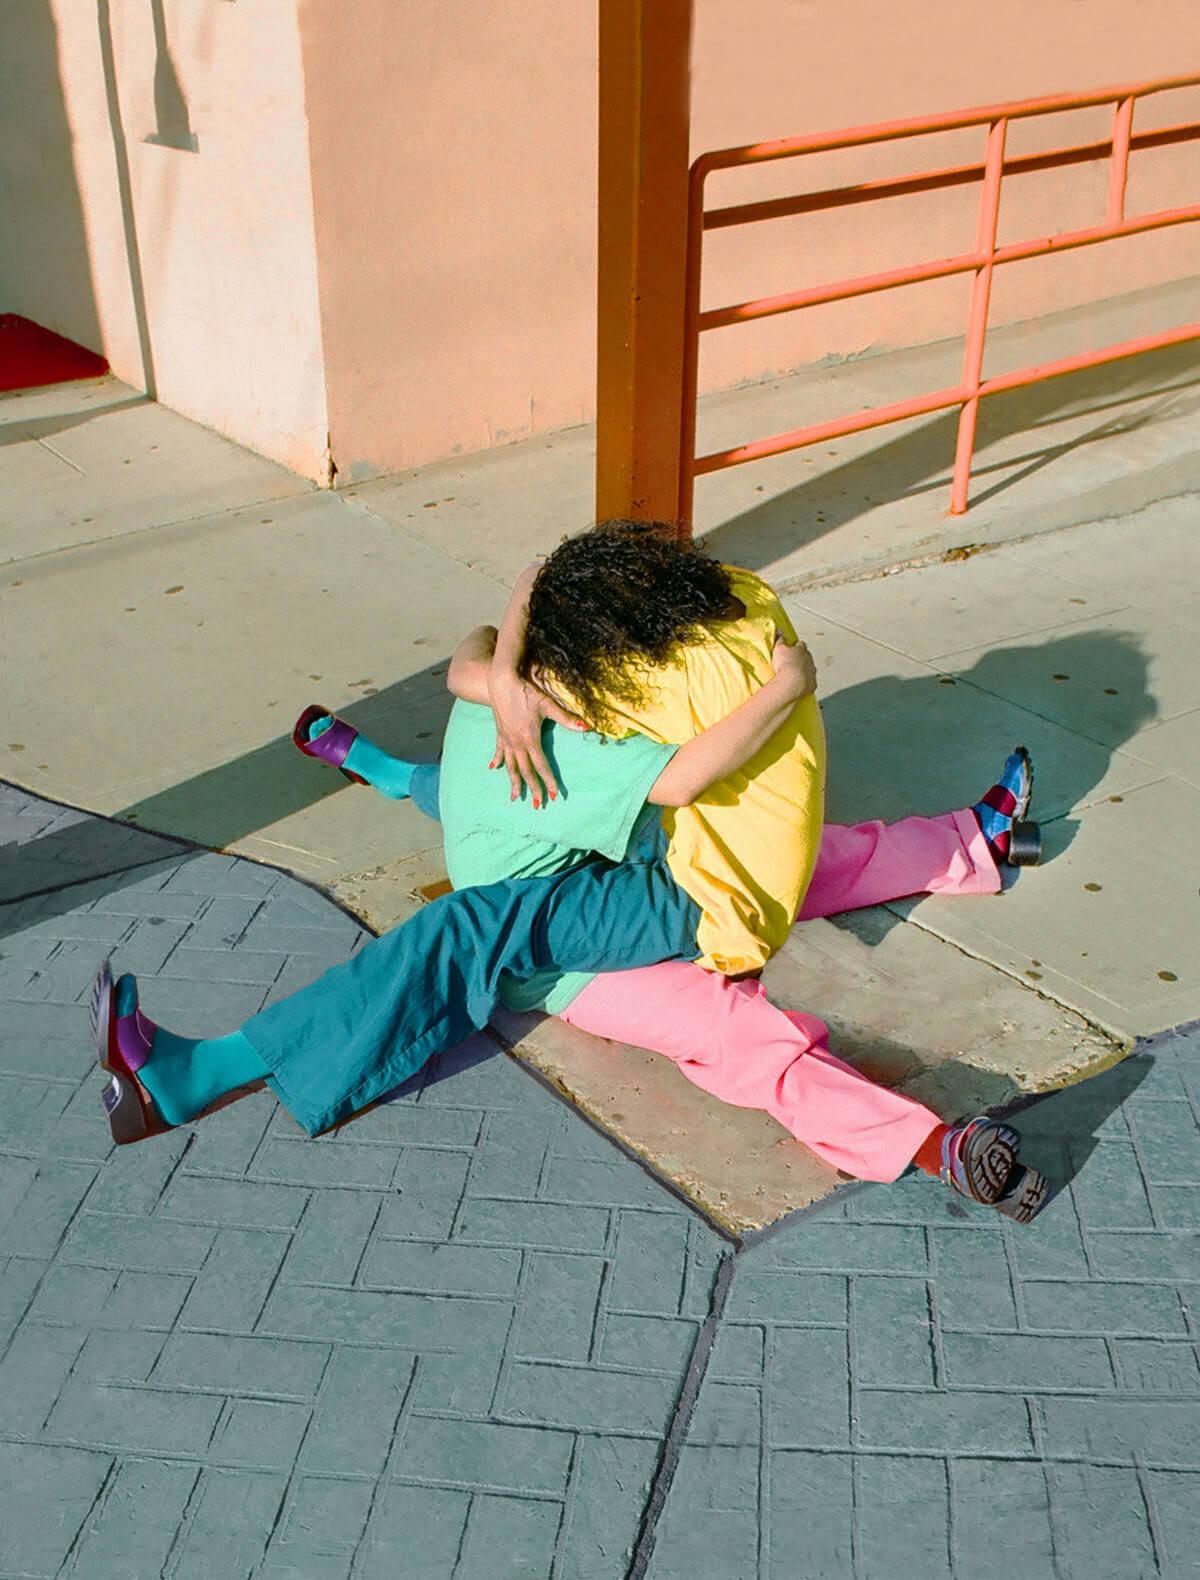 Arielle Bobb-Willis: Retratos abstractos de cuerpos coloridos y poses imposibles